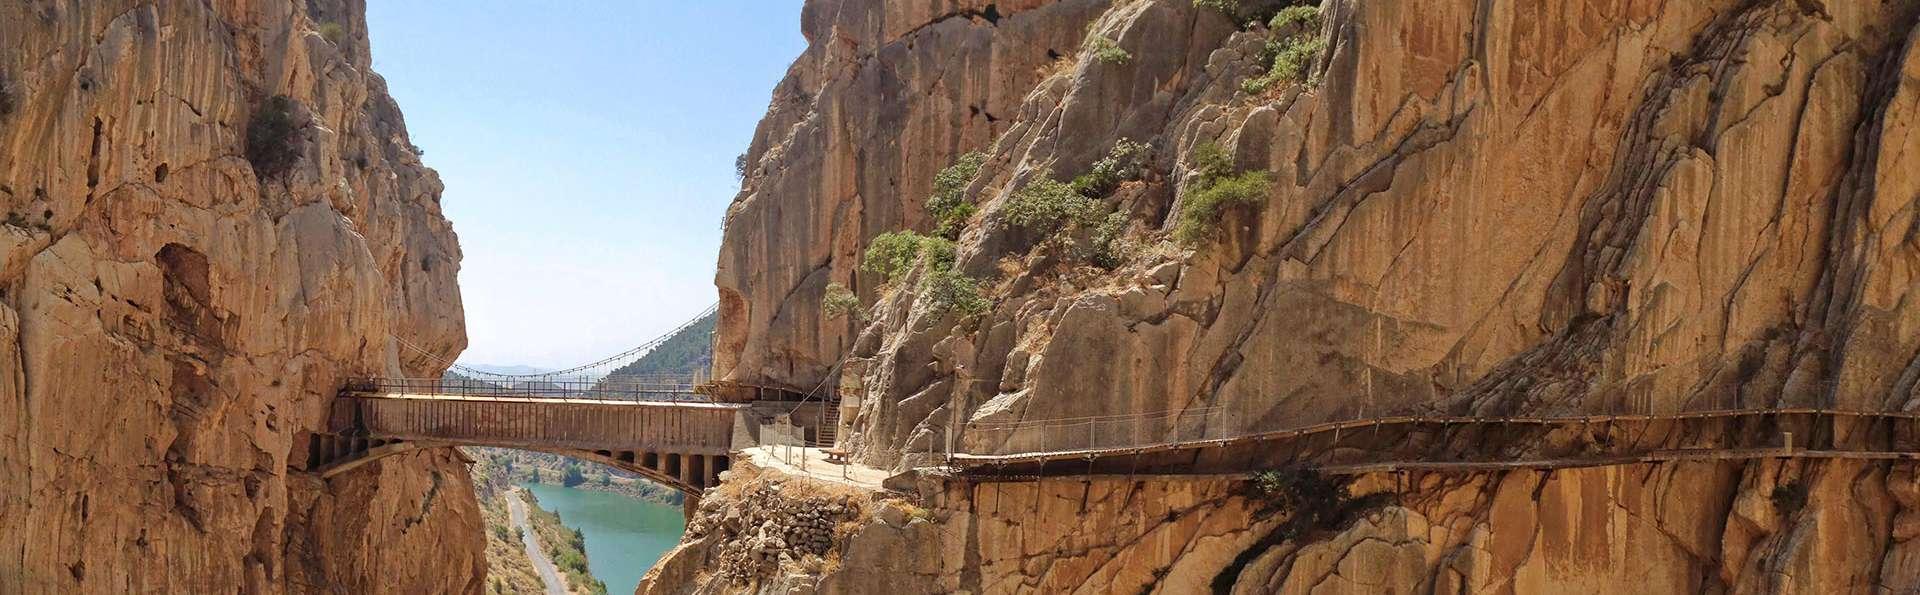 Caminito del Rey Travel Granada Tour